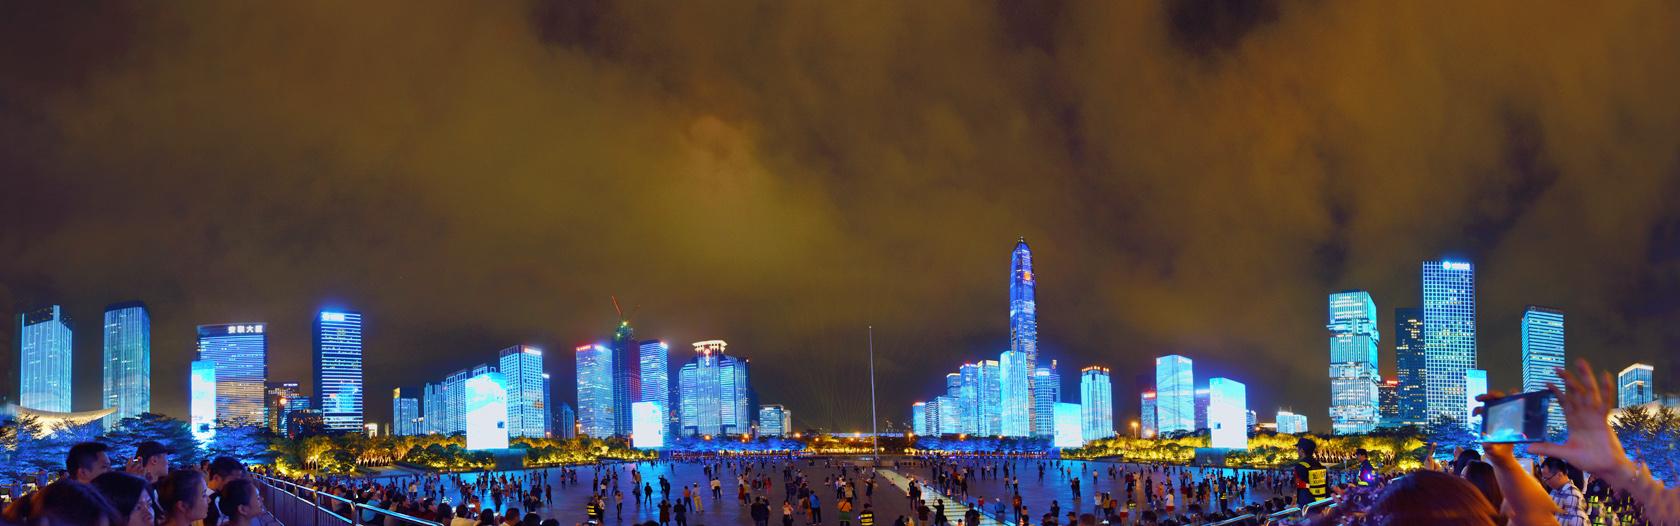 新摄影的胖老头作品:深圳灯光秀3